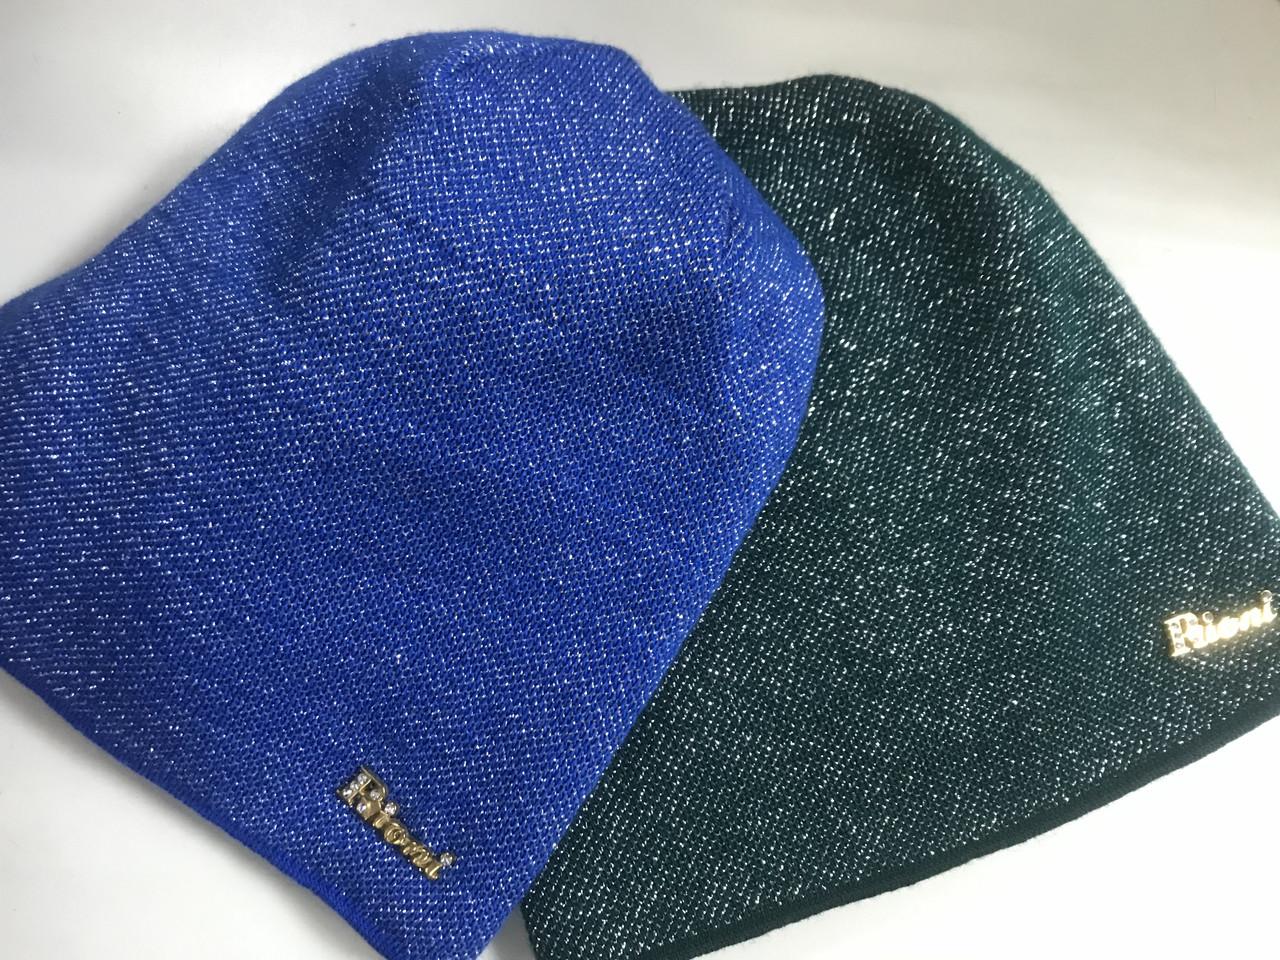 Жіноча шапка в'язана на флісі кольору бежева яскраво синя і зелена